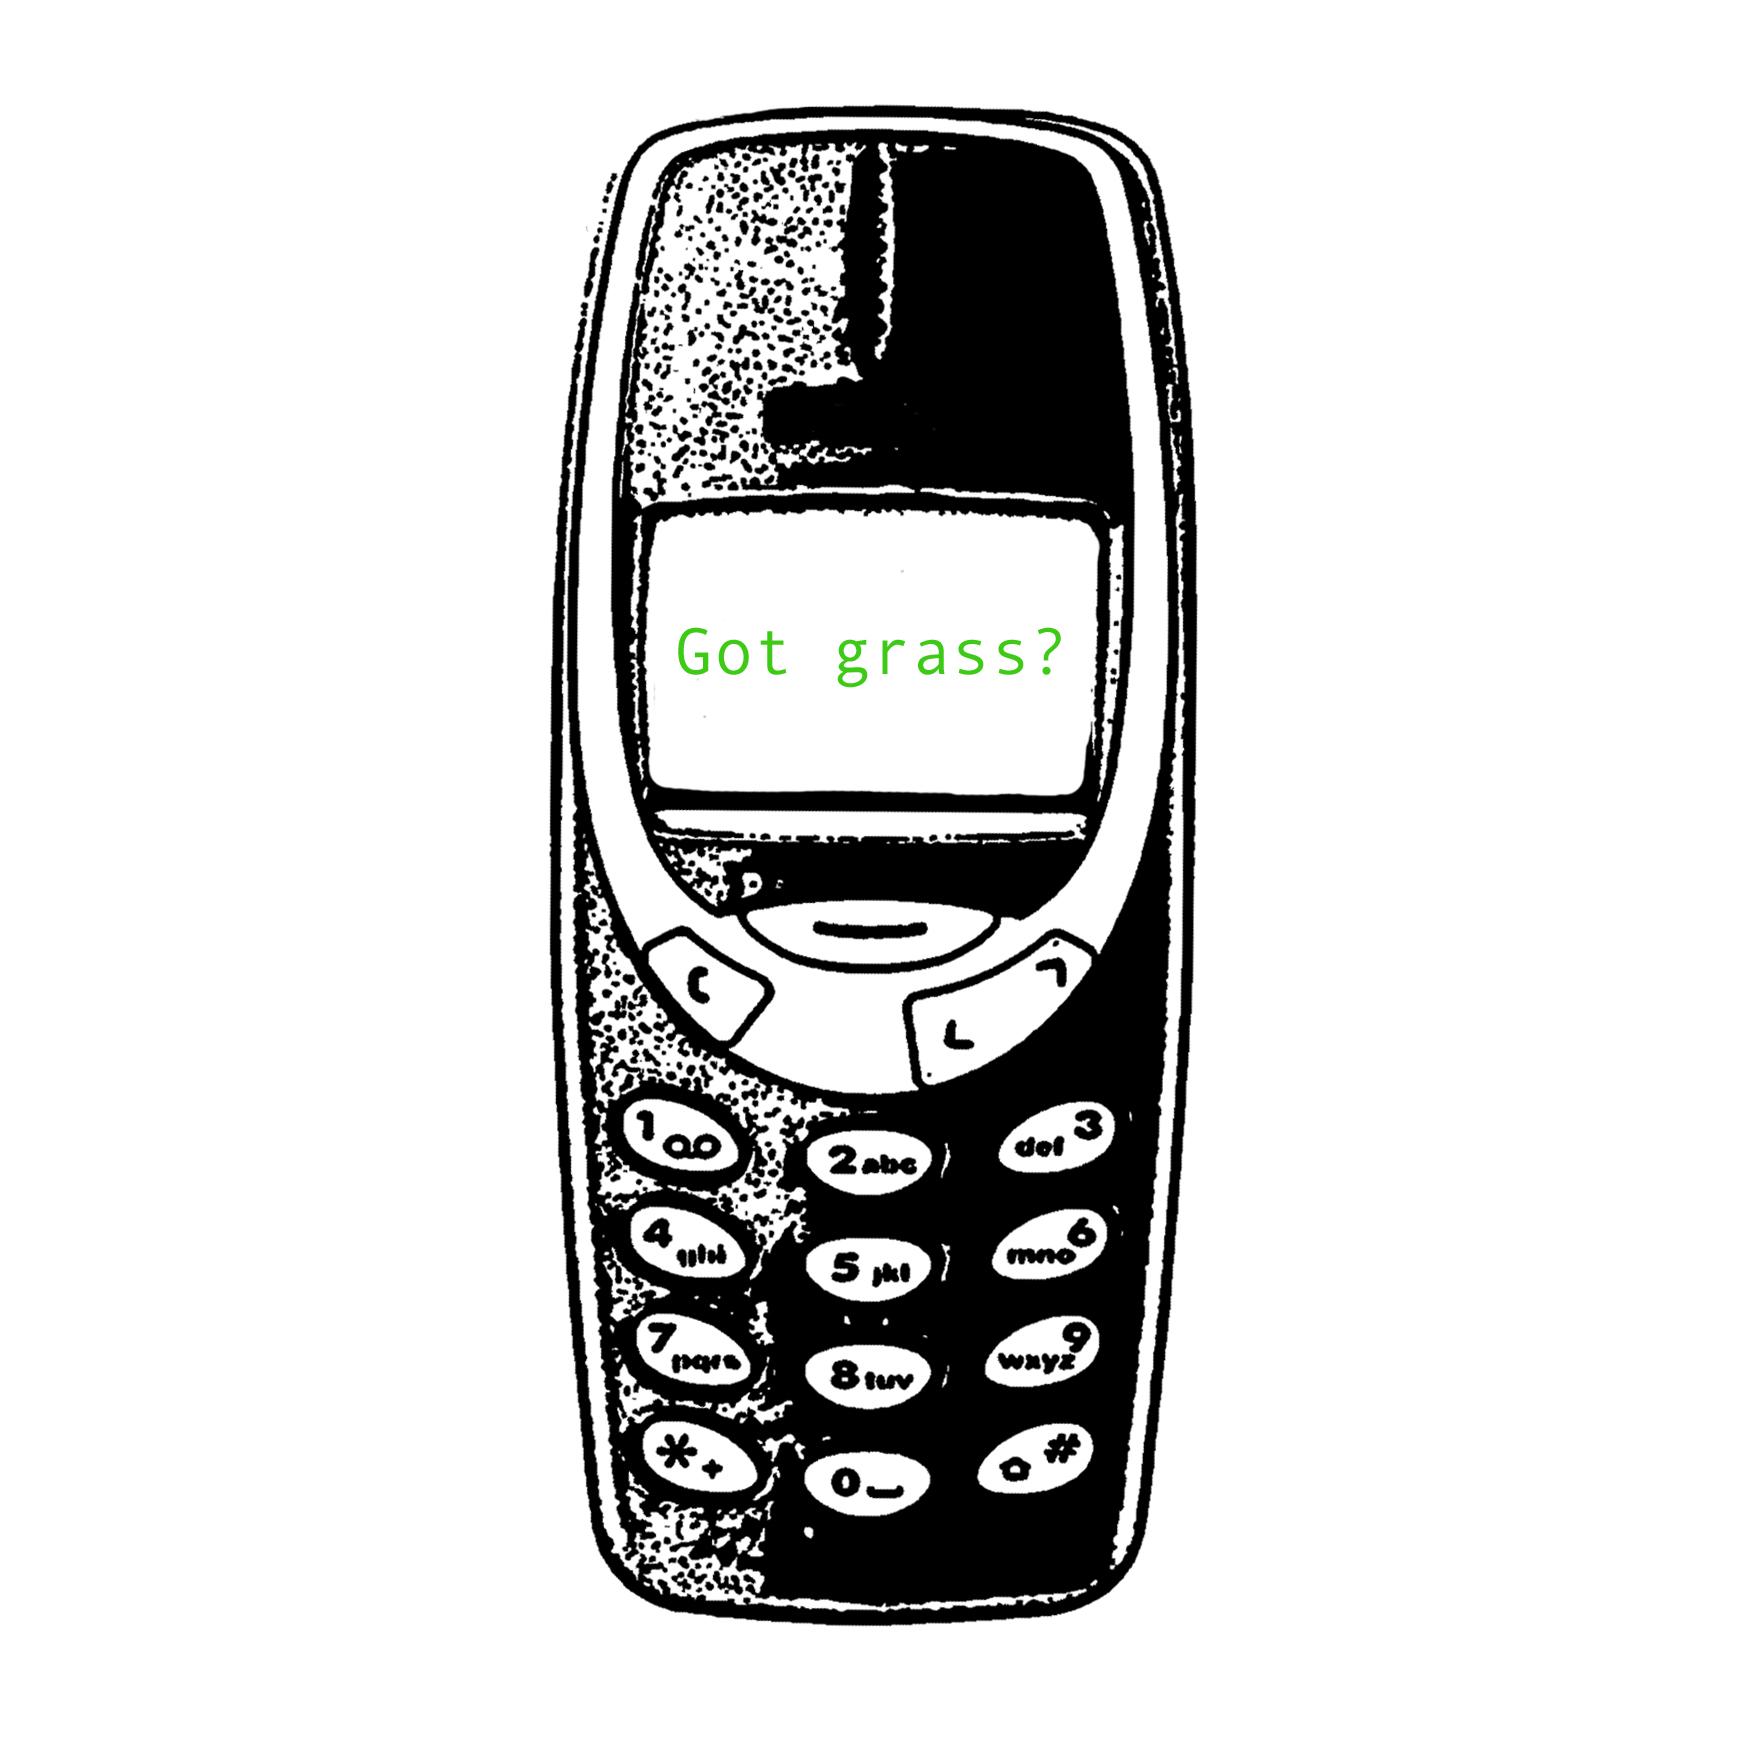 got grass.jpg